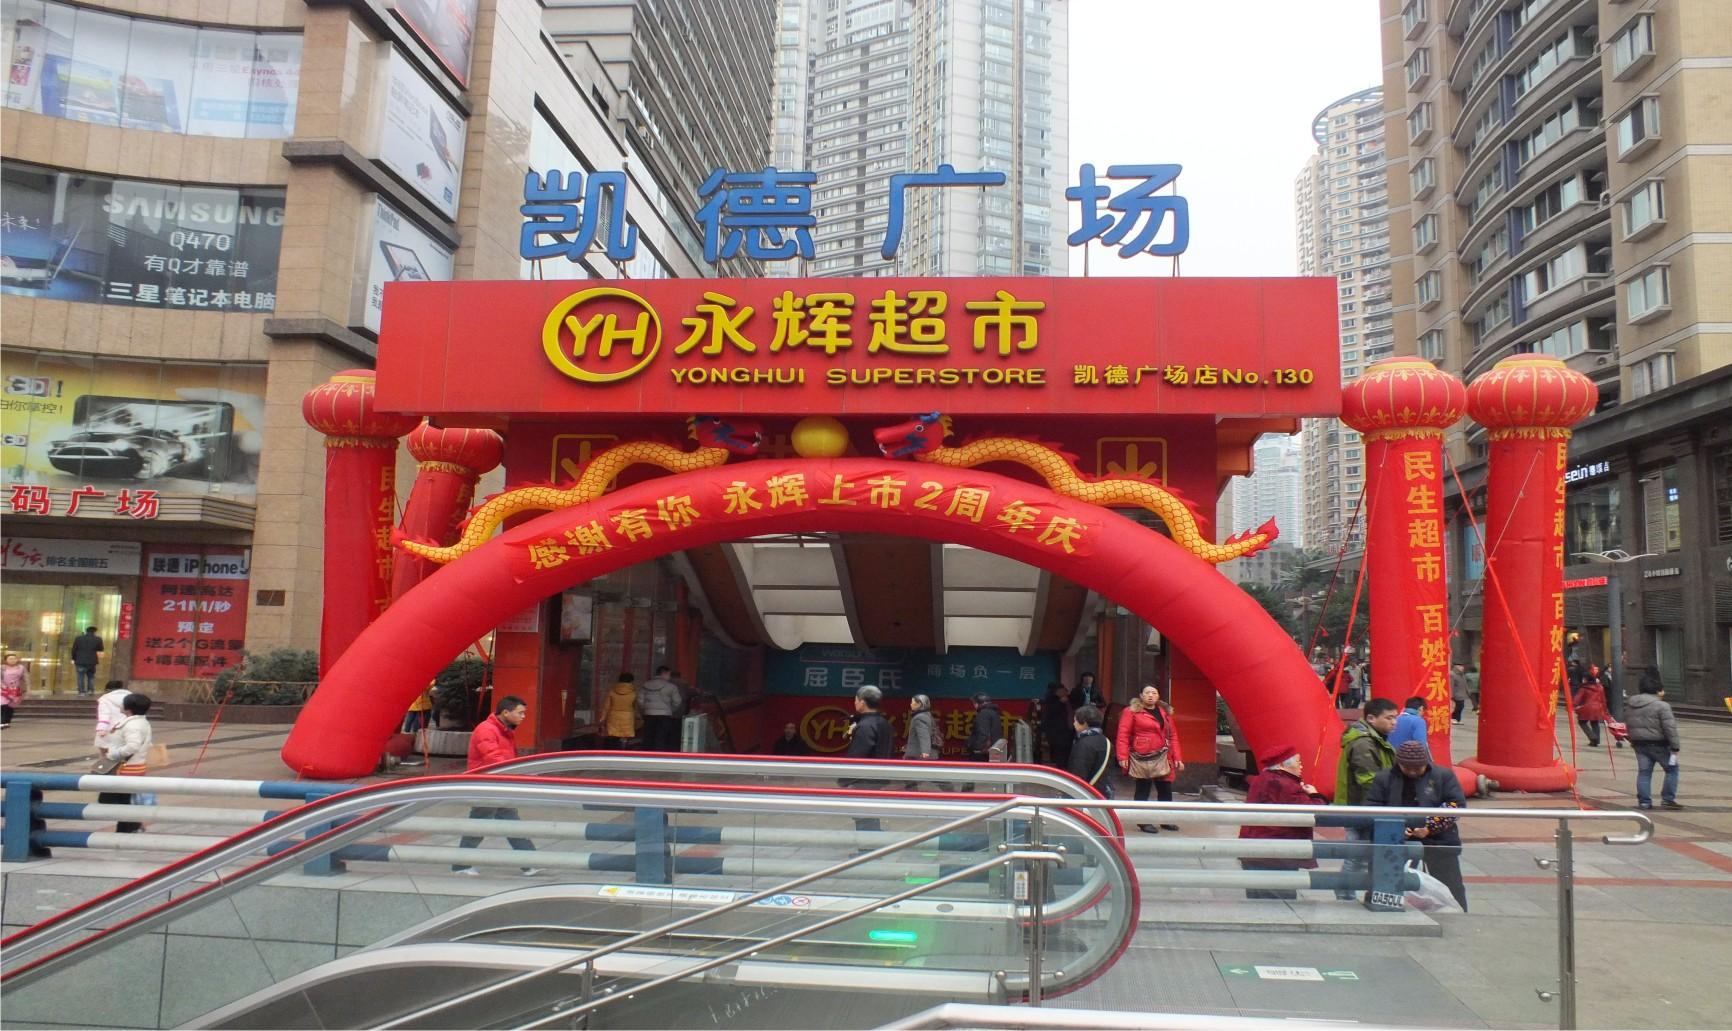 永辉超市三峡广场凯德购物中心店寒假实习生招聘